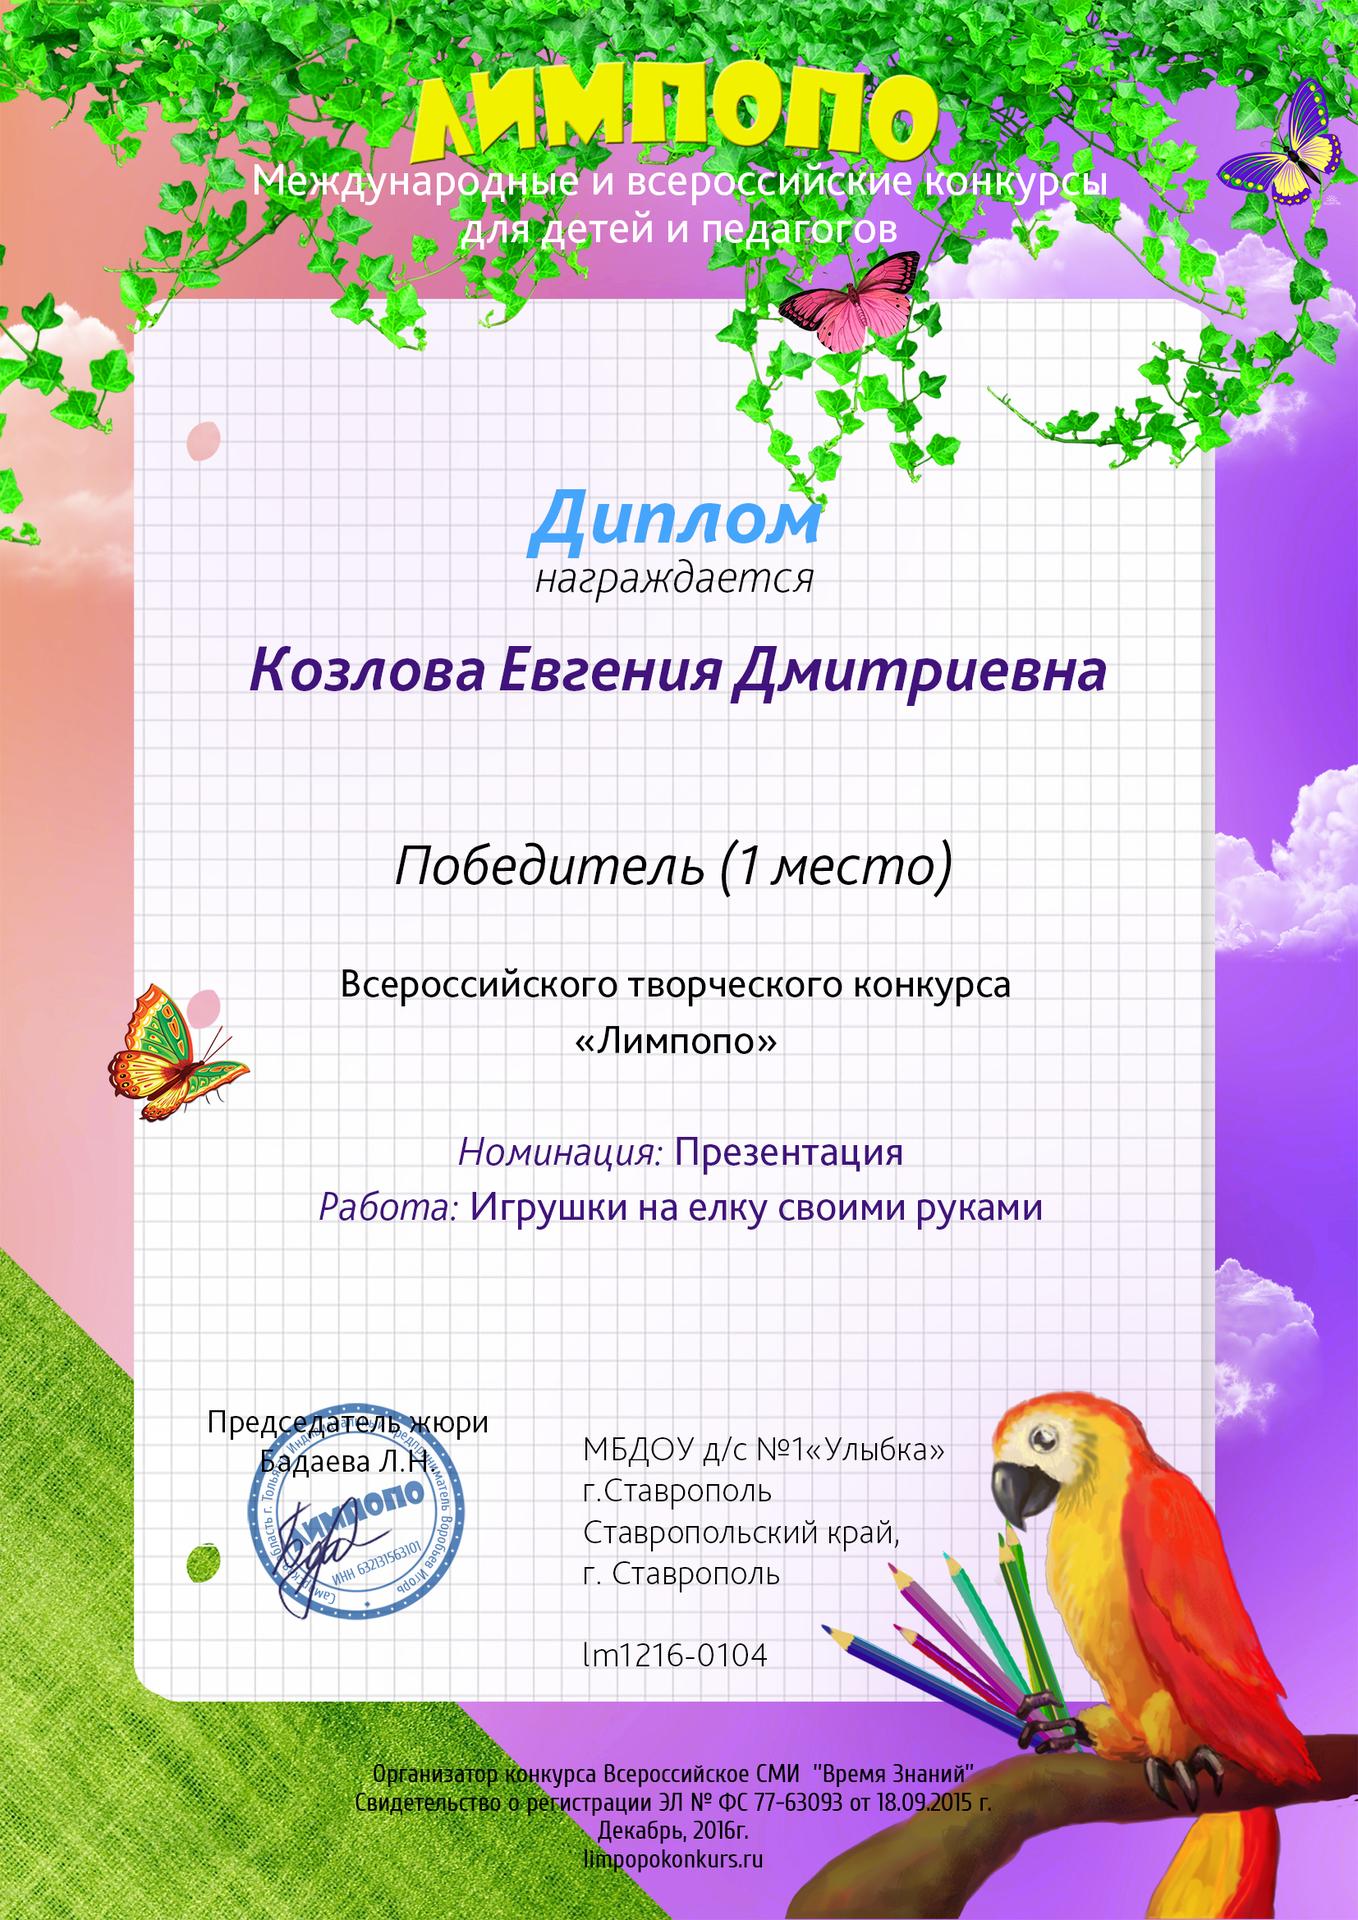 Козлова Евгения Дмитриевна (3)